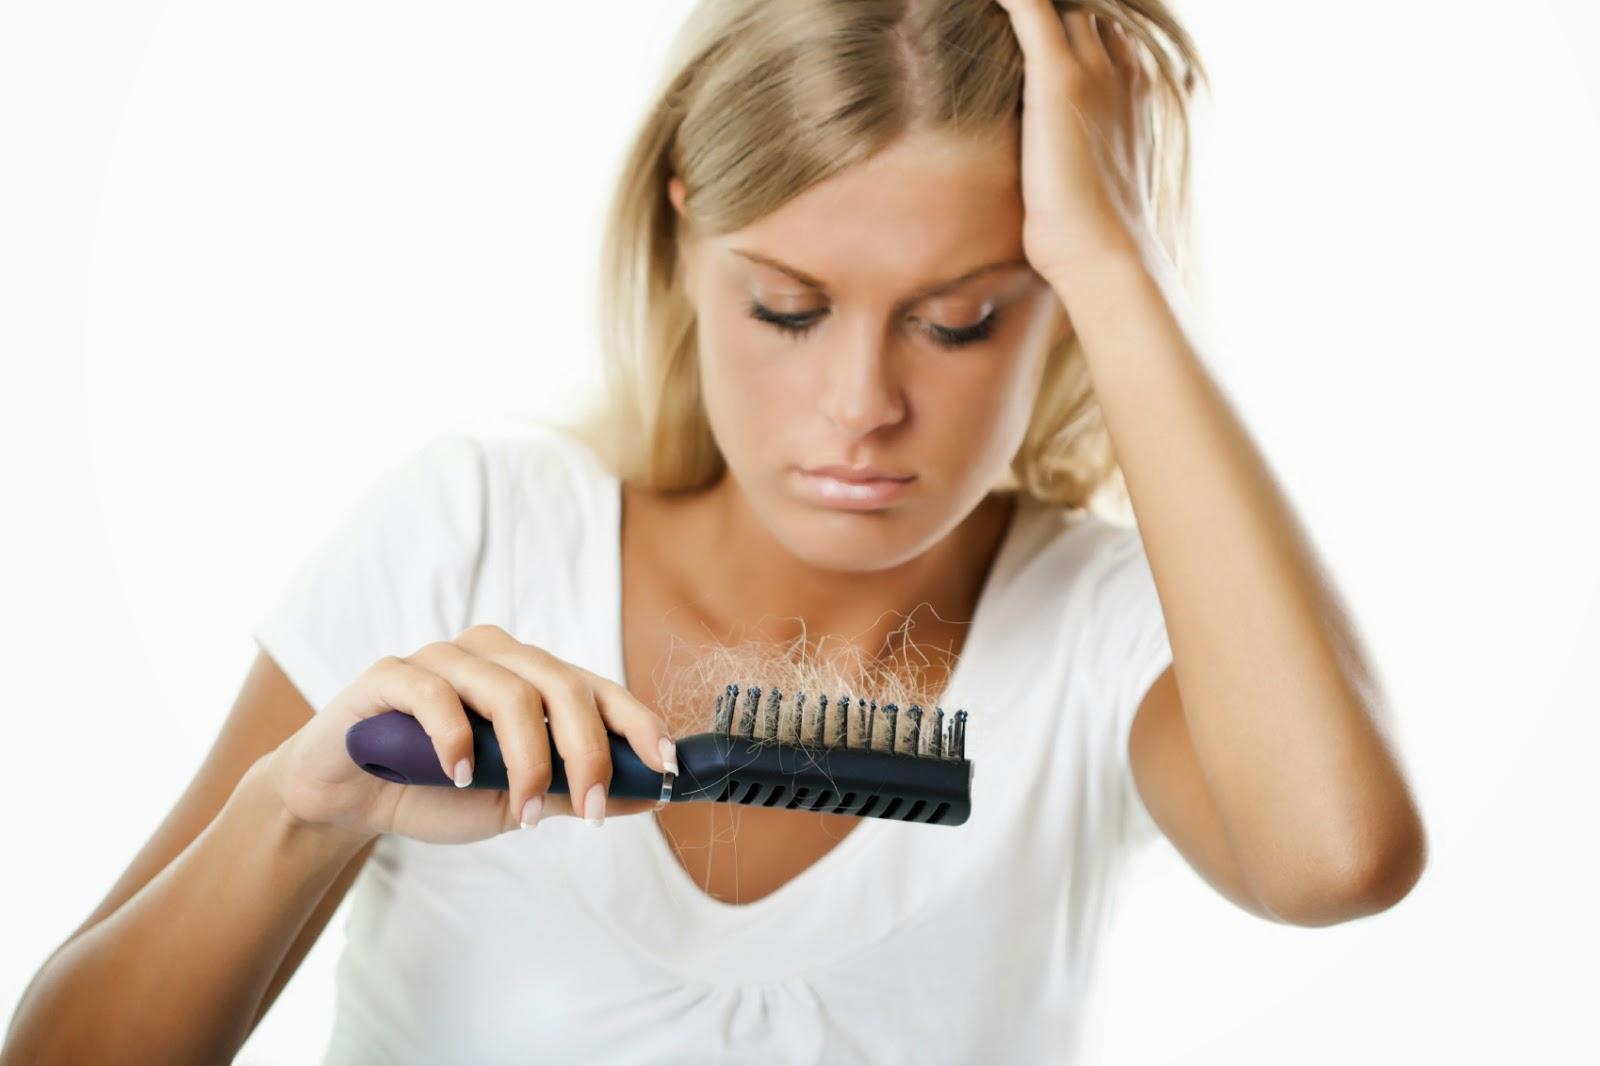 كيفية التعامل مع تساقط الشعر بشكل سليم